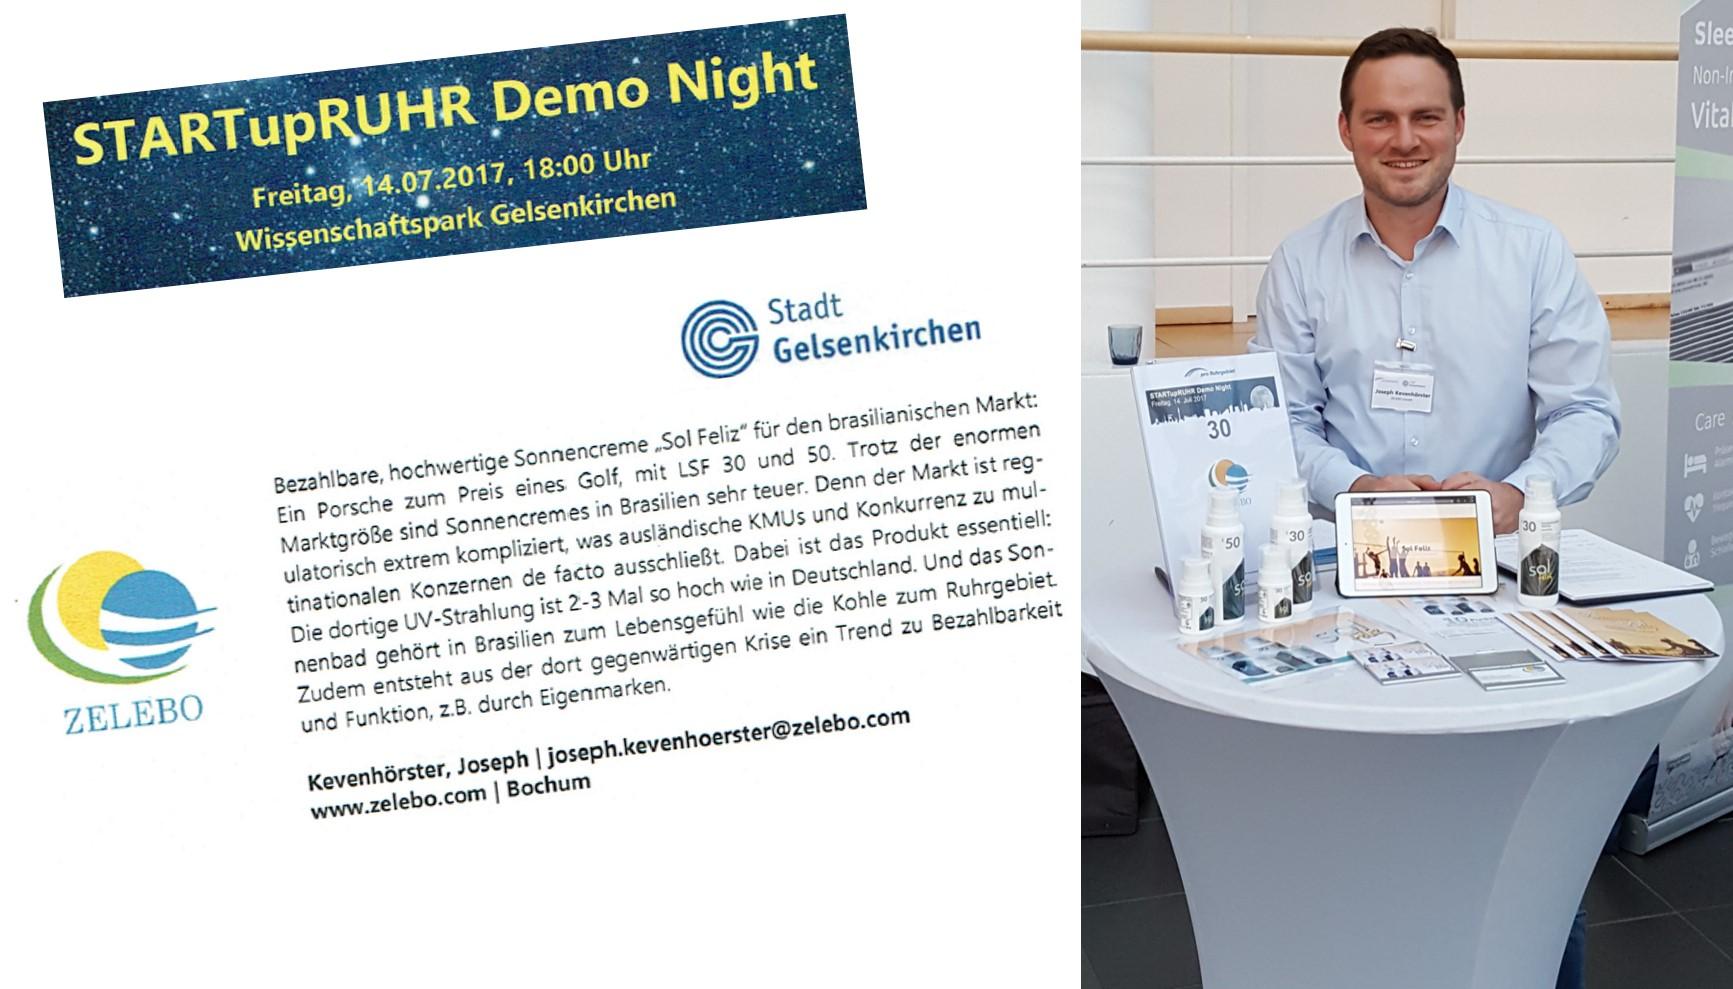 Sol Feliz Dermatologische Sonnencreme auf der StartUp Ruhr Demo night